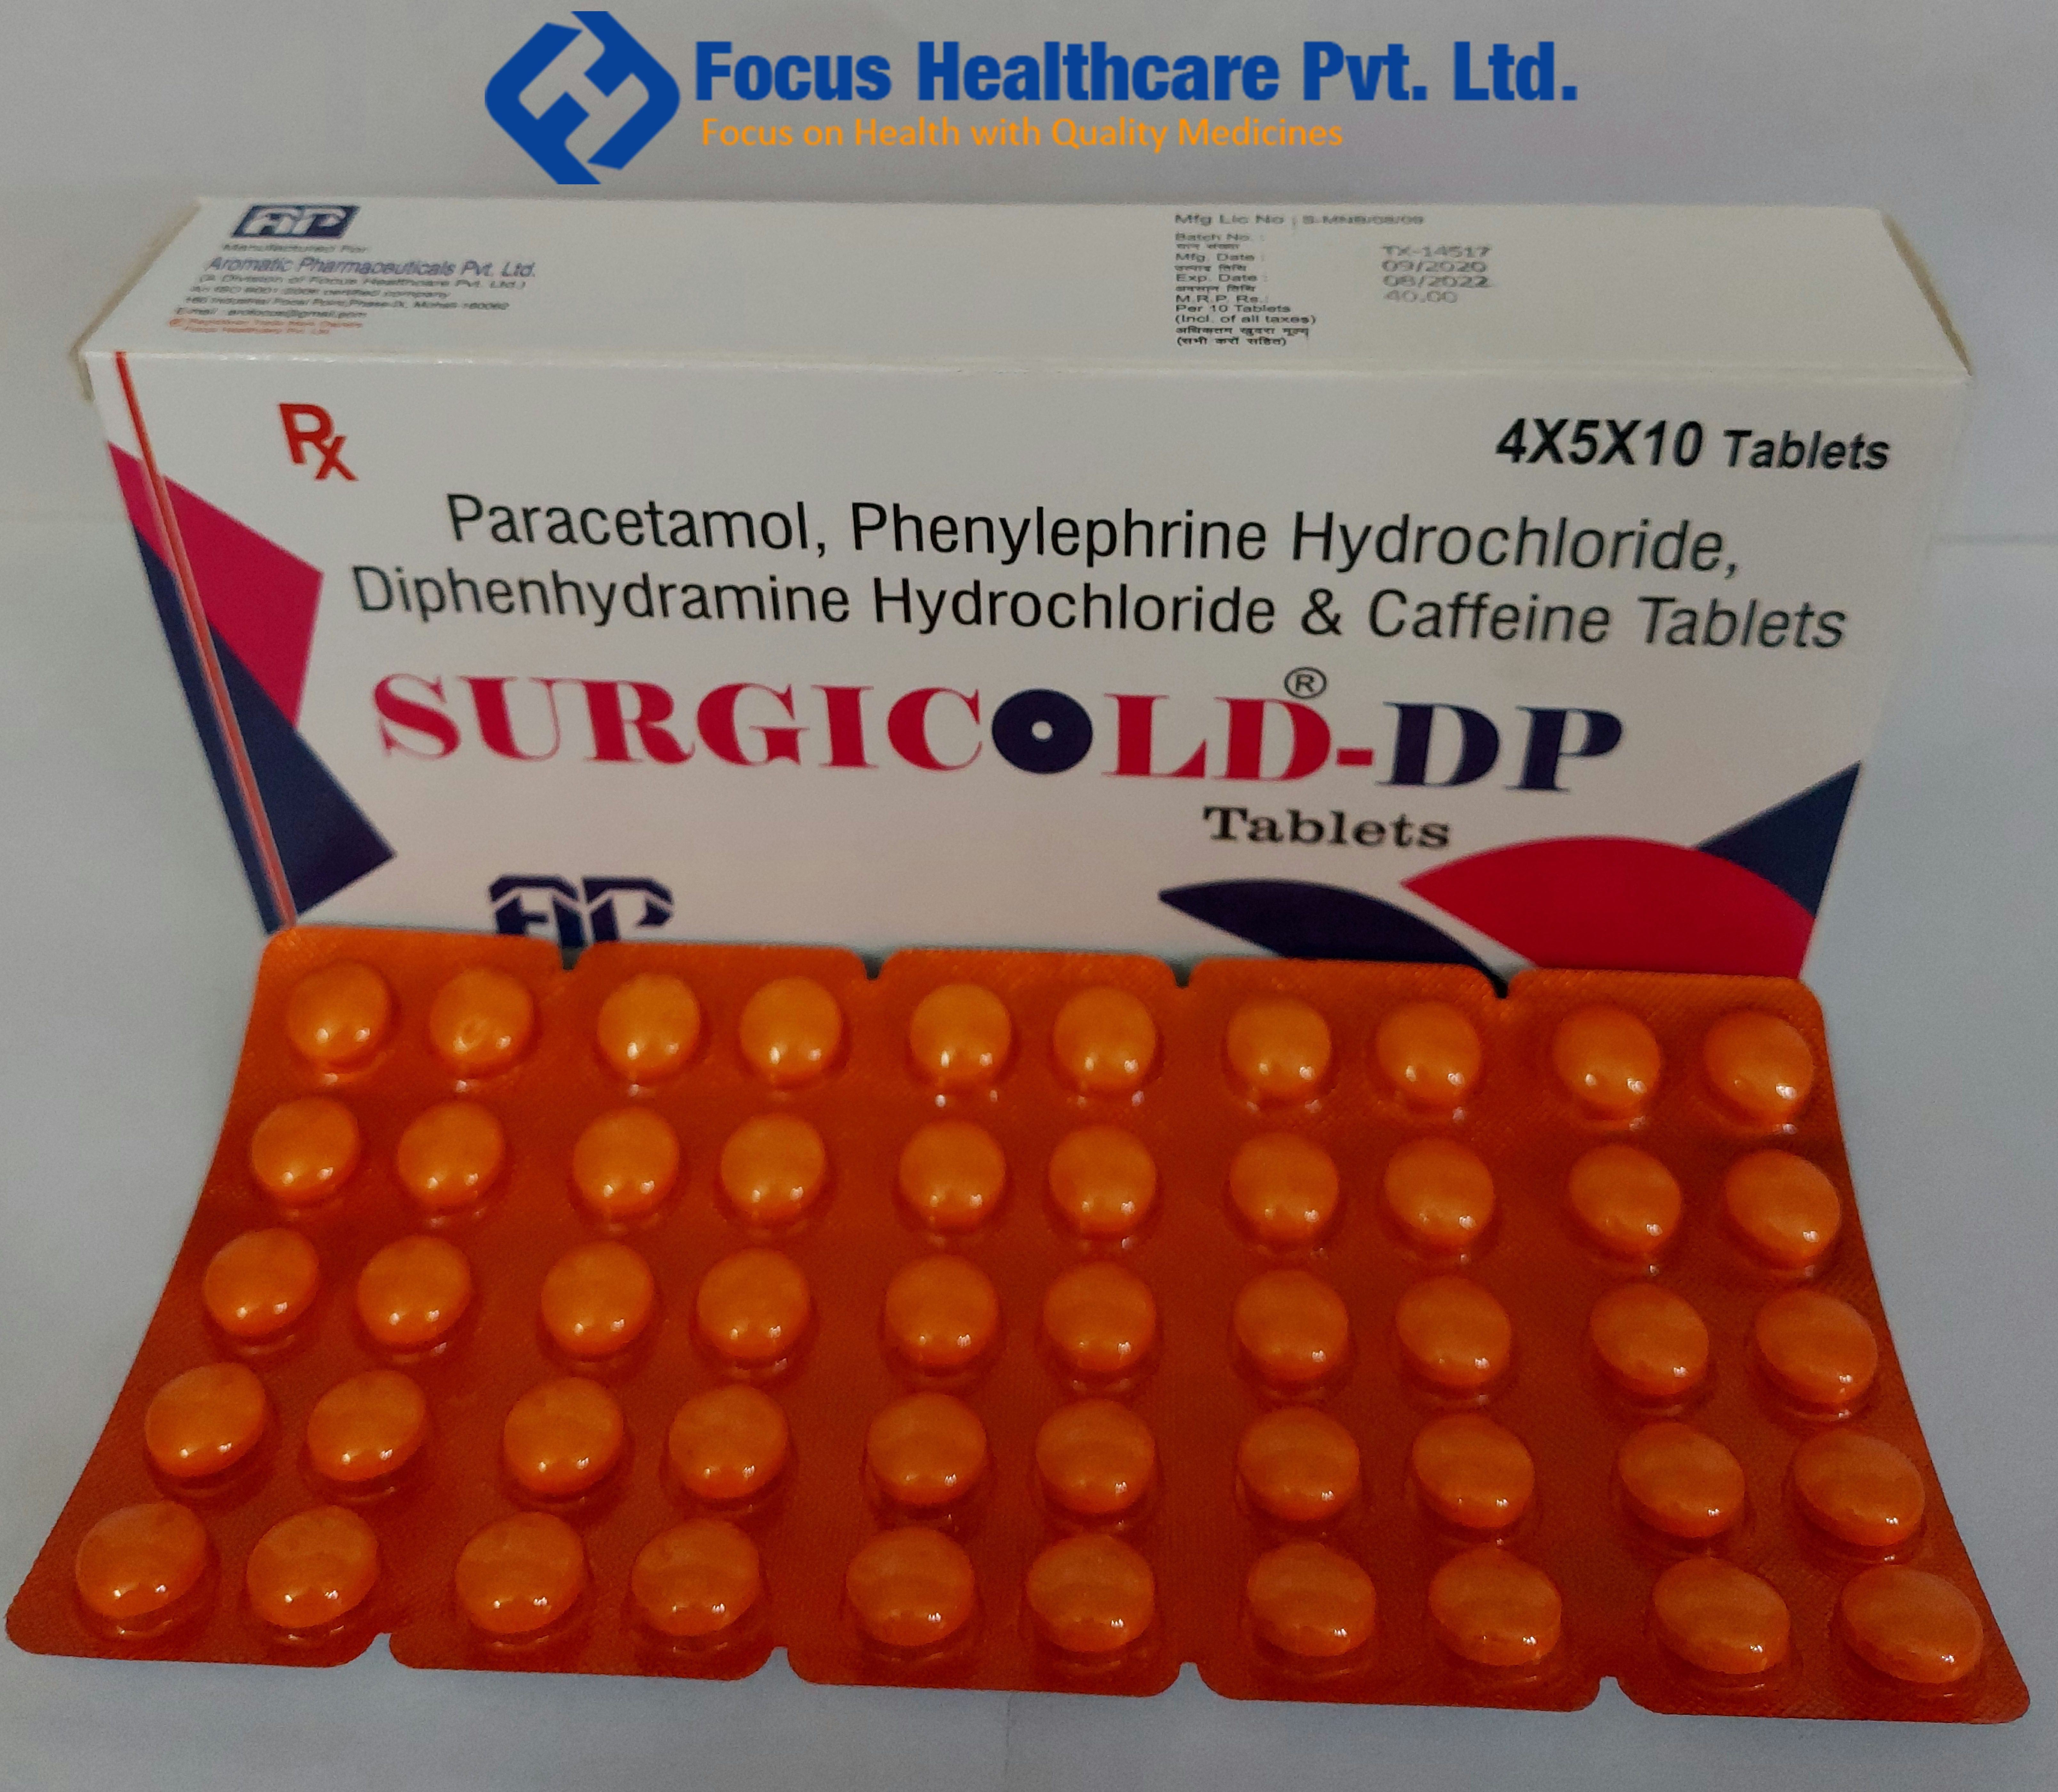 Pcdindia   Pcd company in India   PCD Pharma in India